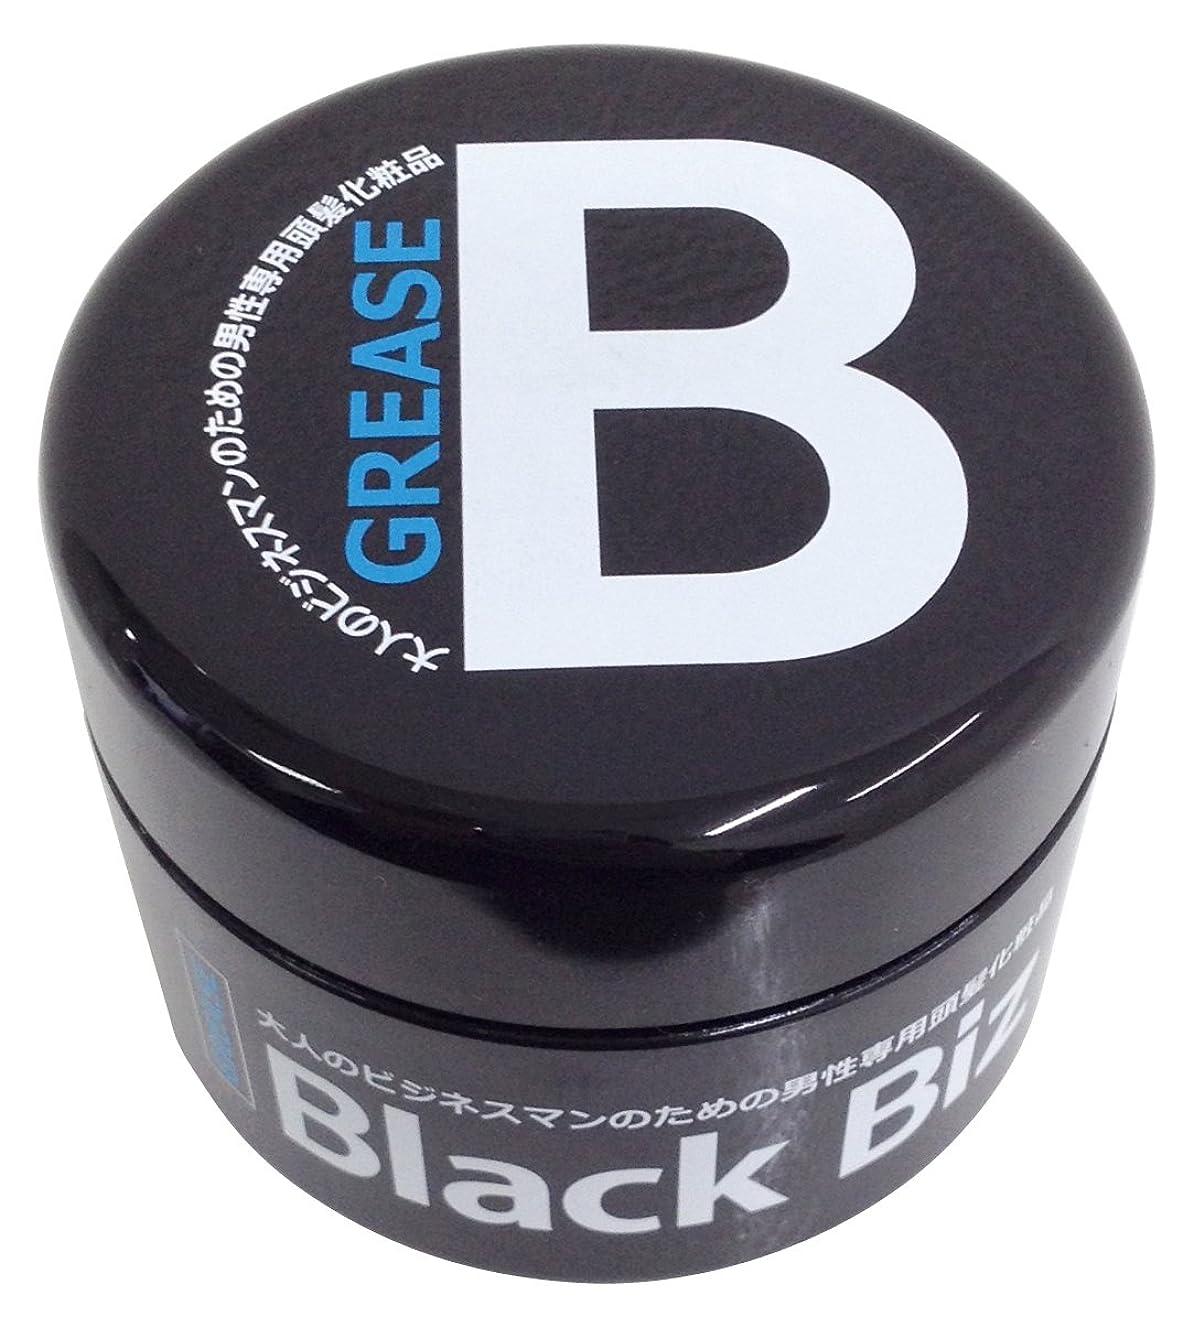 キャプチャー減少ピアノを弾く大人のビジネスマンのための男性専用頭髪化粧品 BlackBiz GREASE SOFT ブラックビズ グリース ソフト